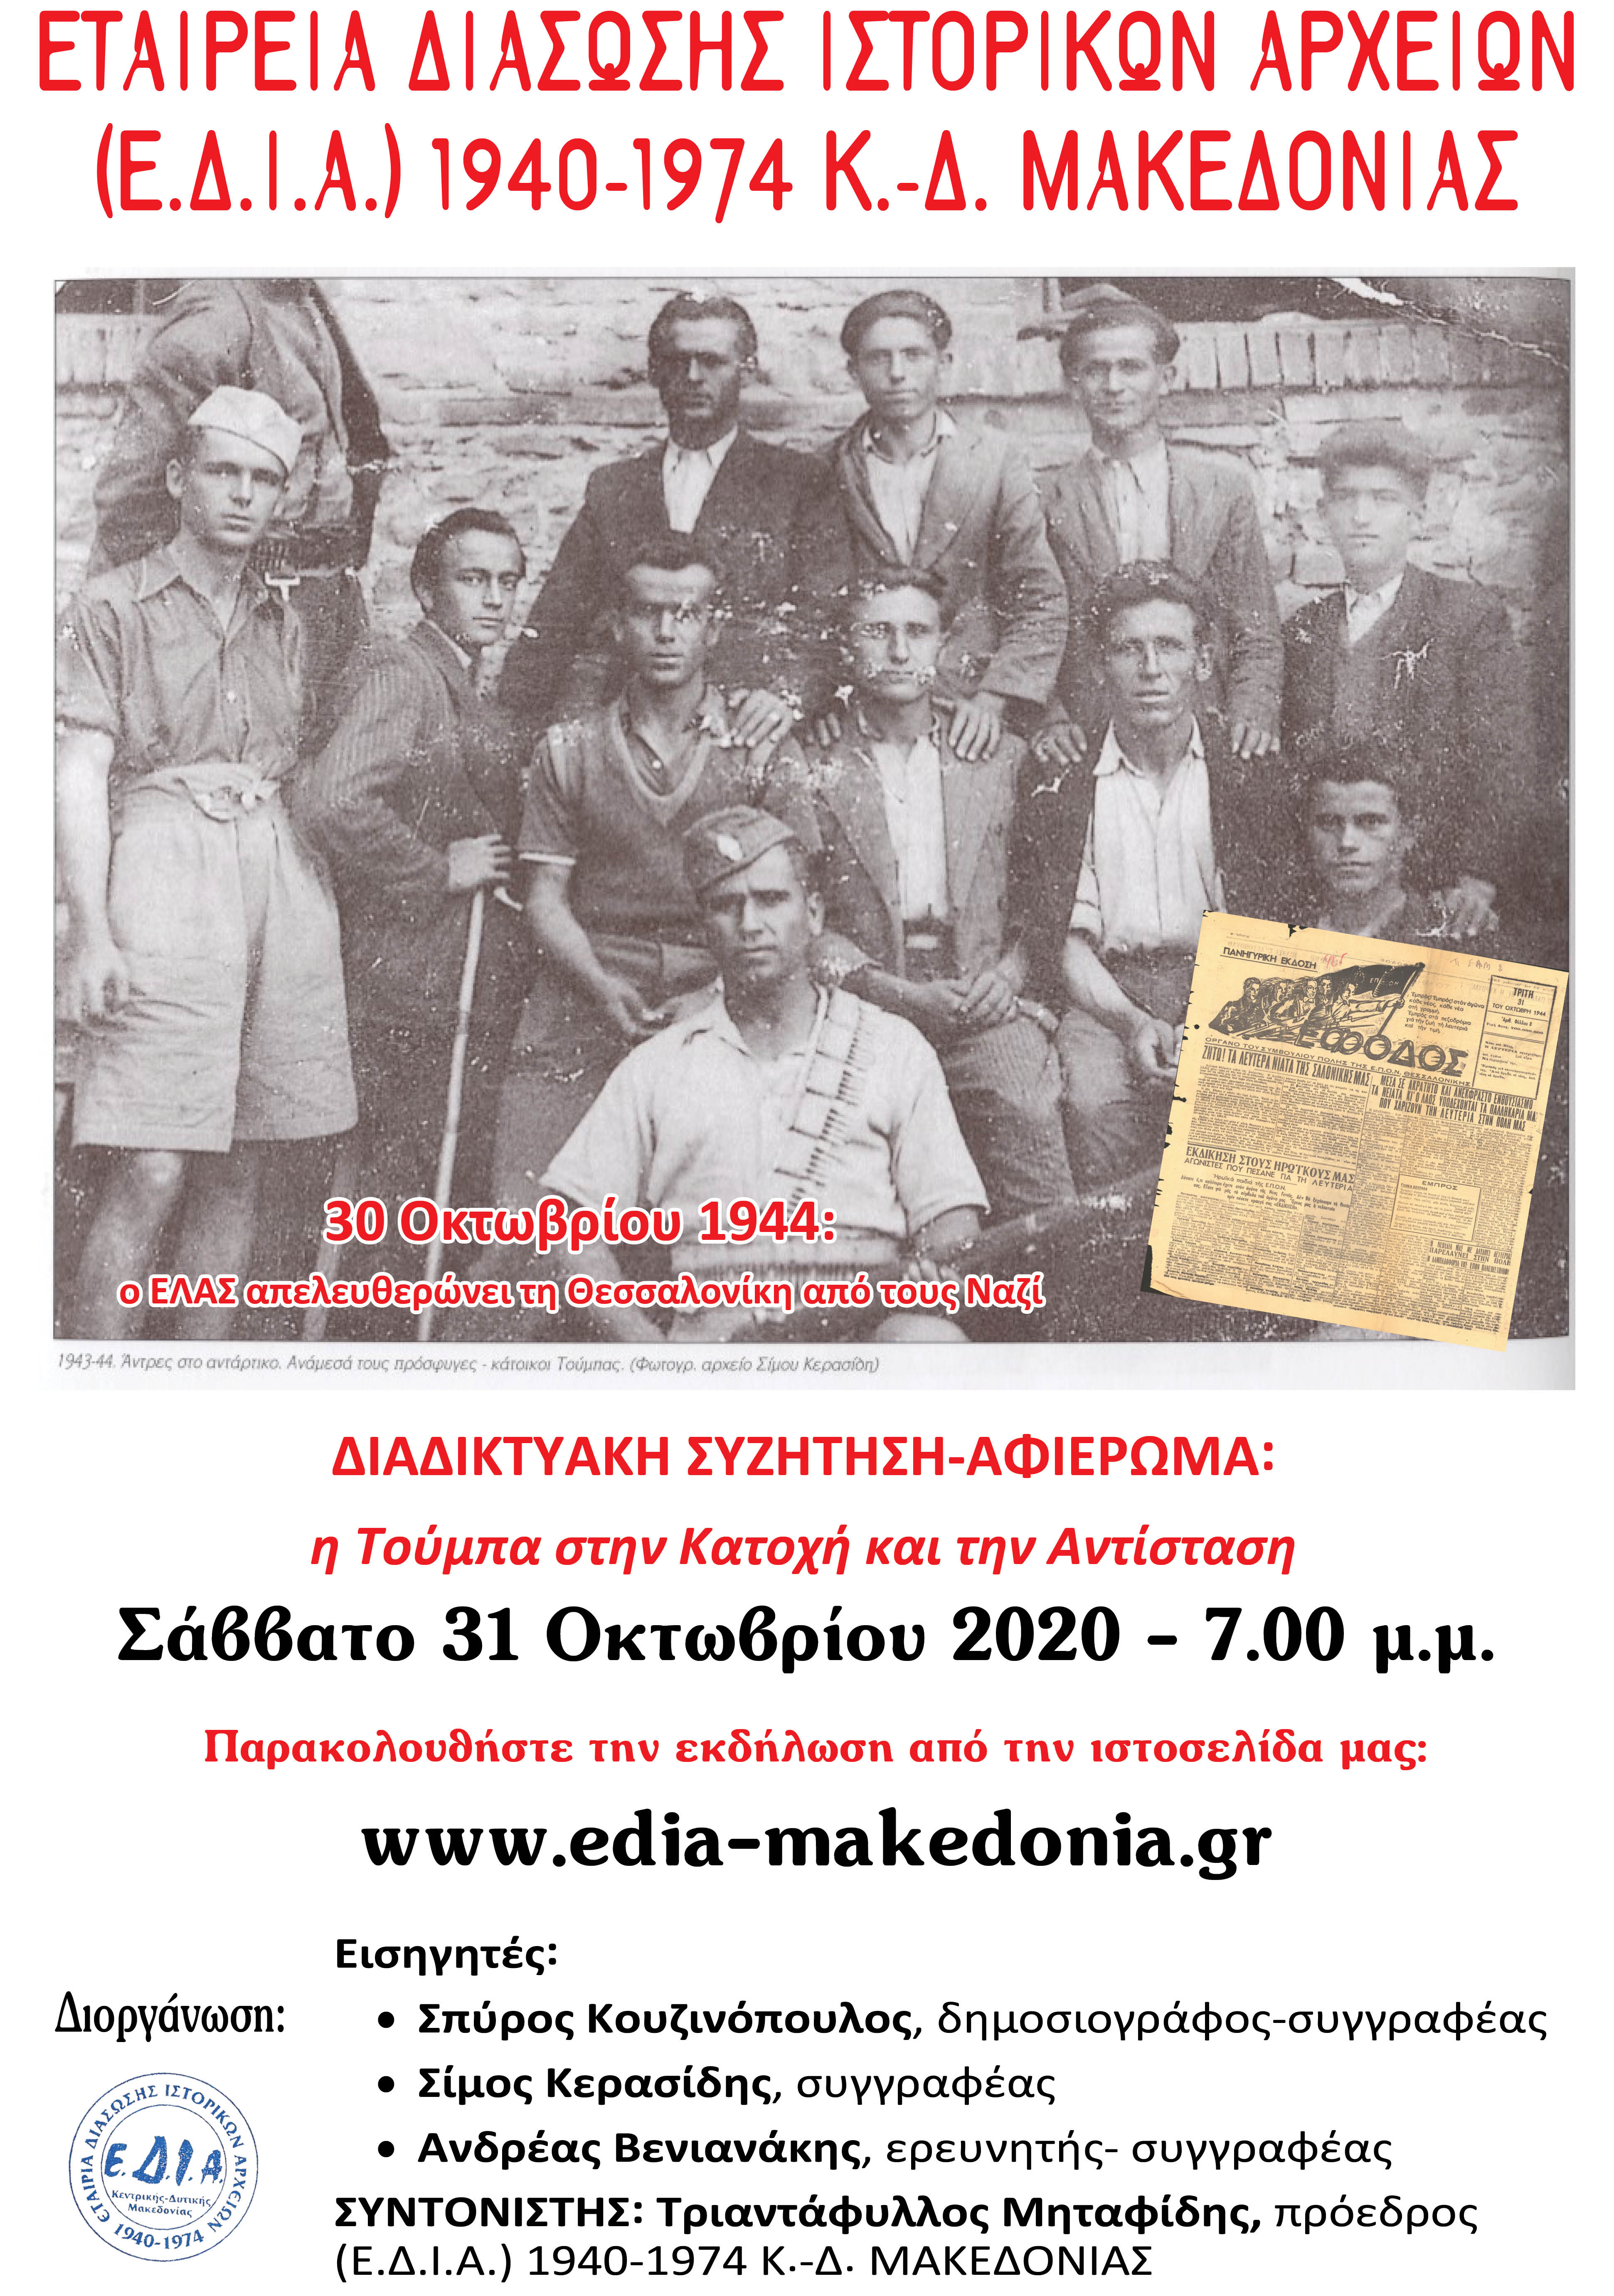 Διαδικτυακή συζήτηση/ αφιέρωμα στην απελευθέρωση της Θεσσαλονίκης από τους Ναζί